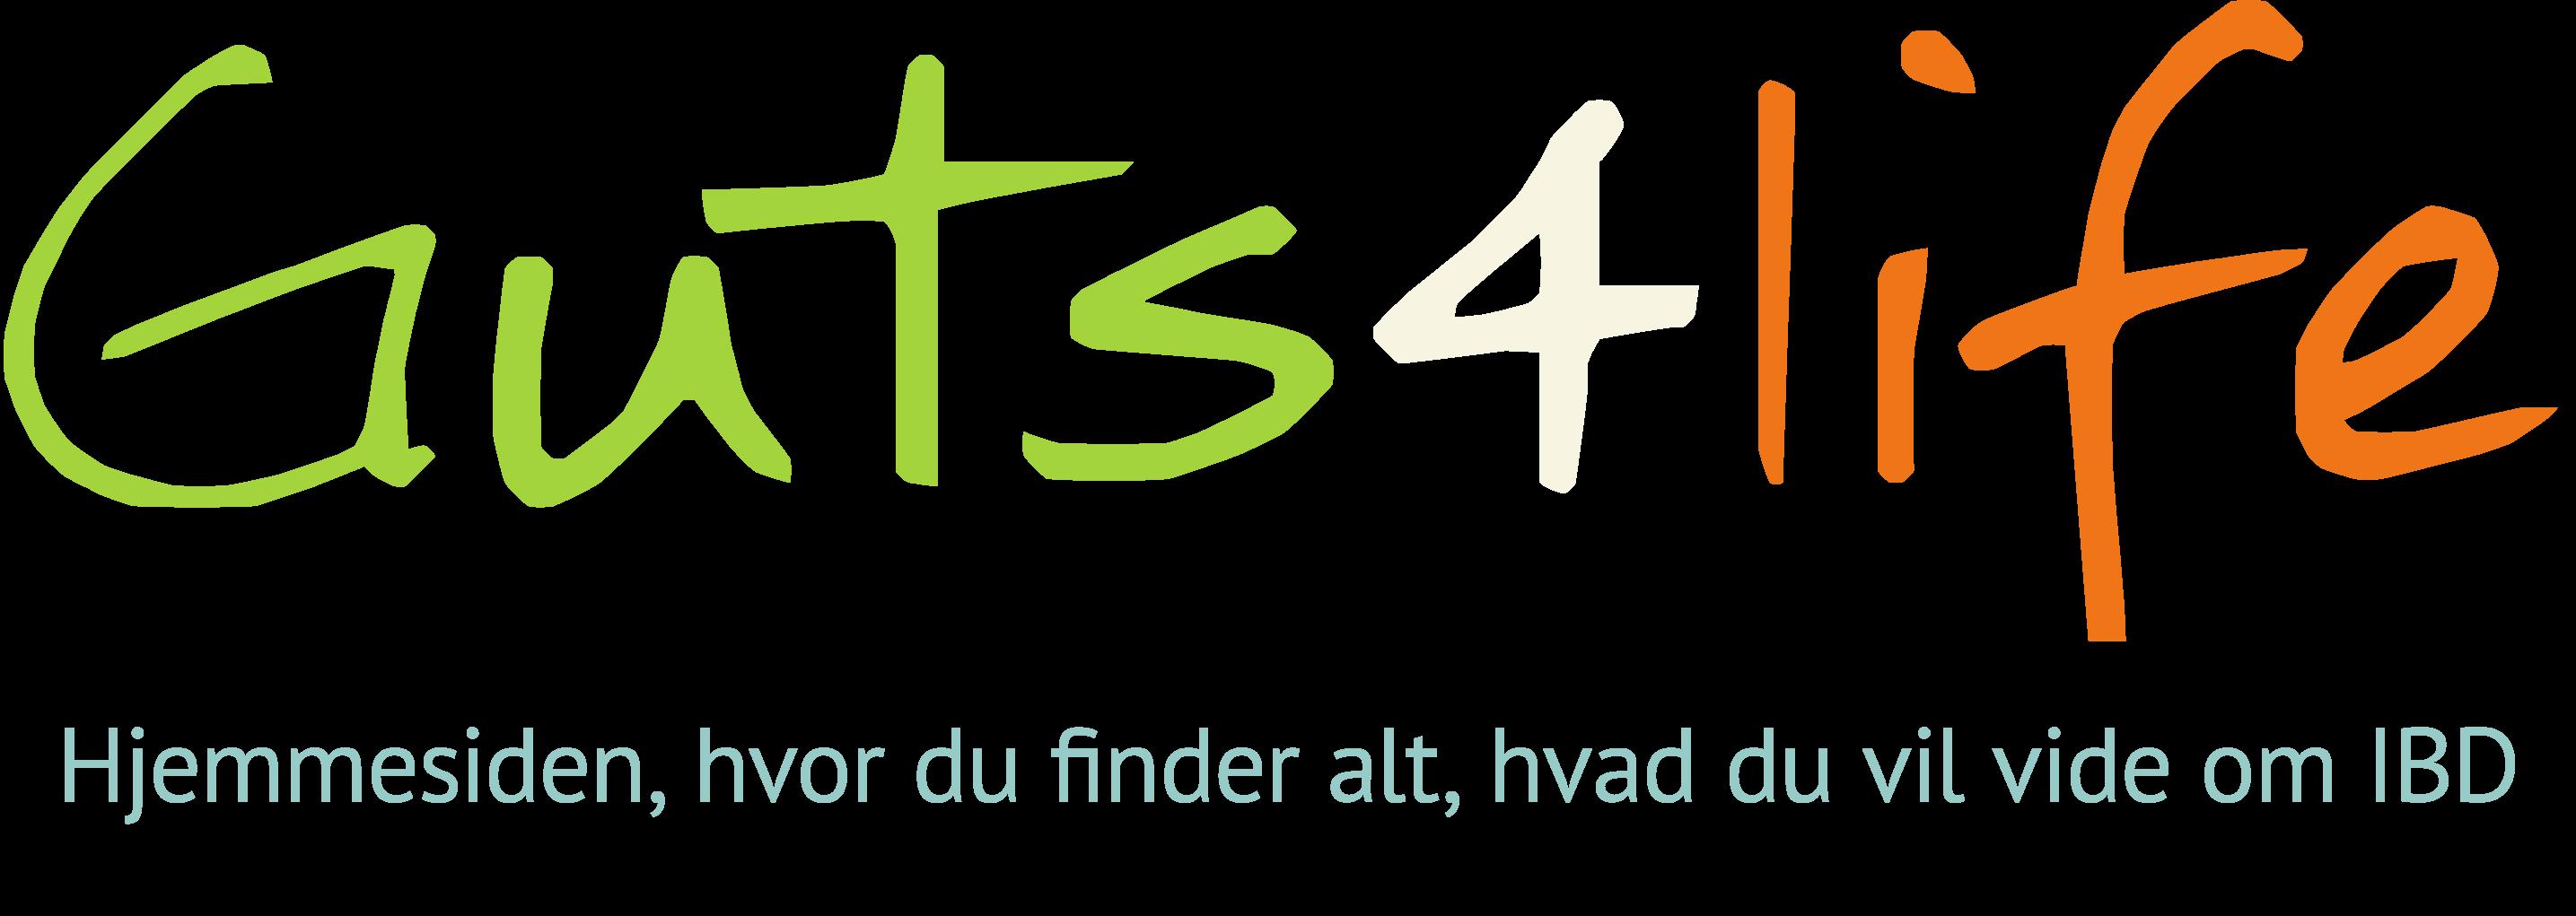 Guts4Life-dk